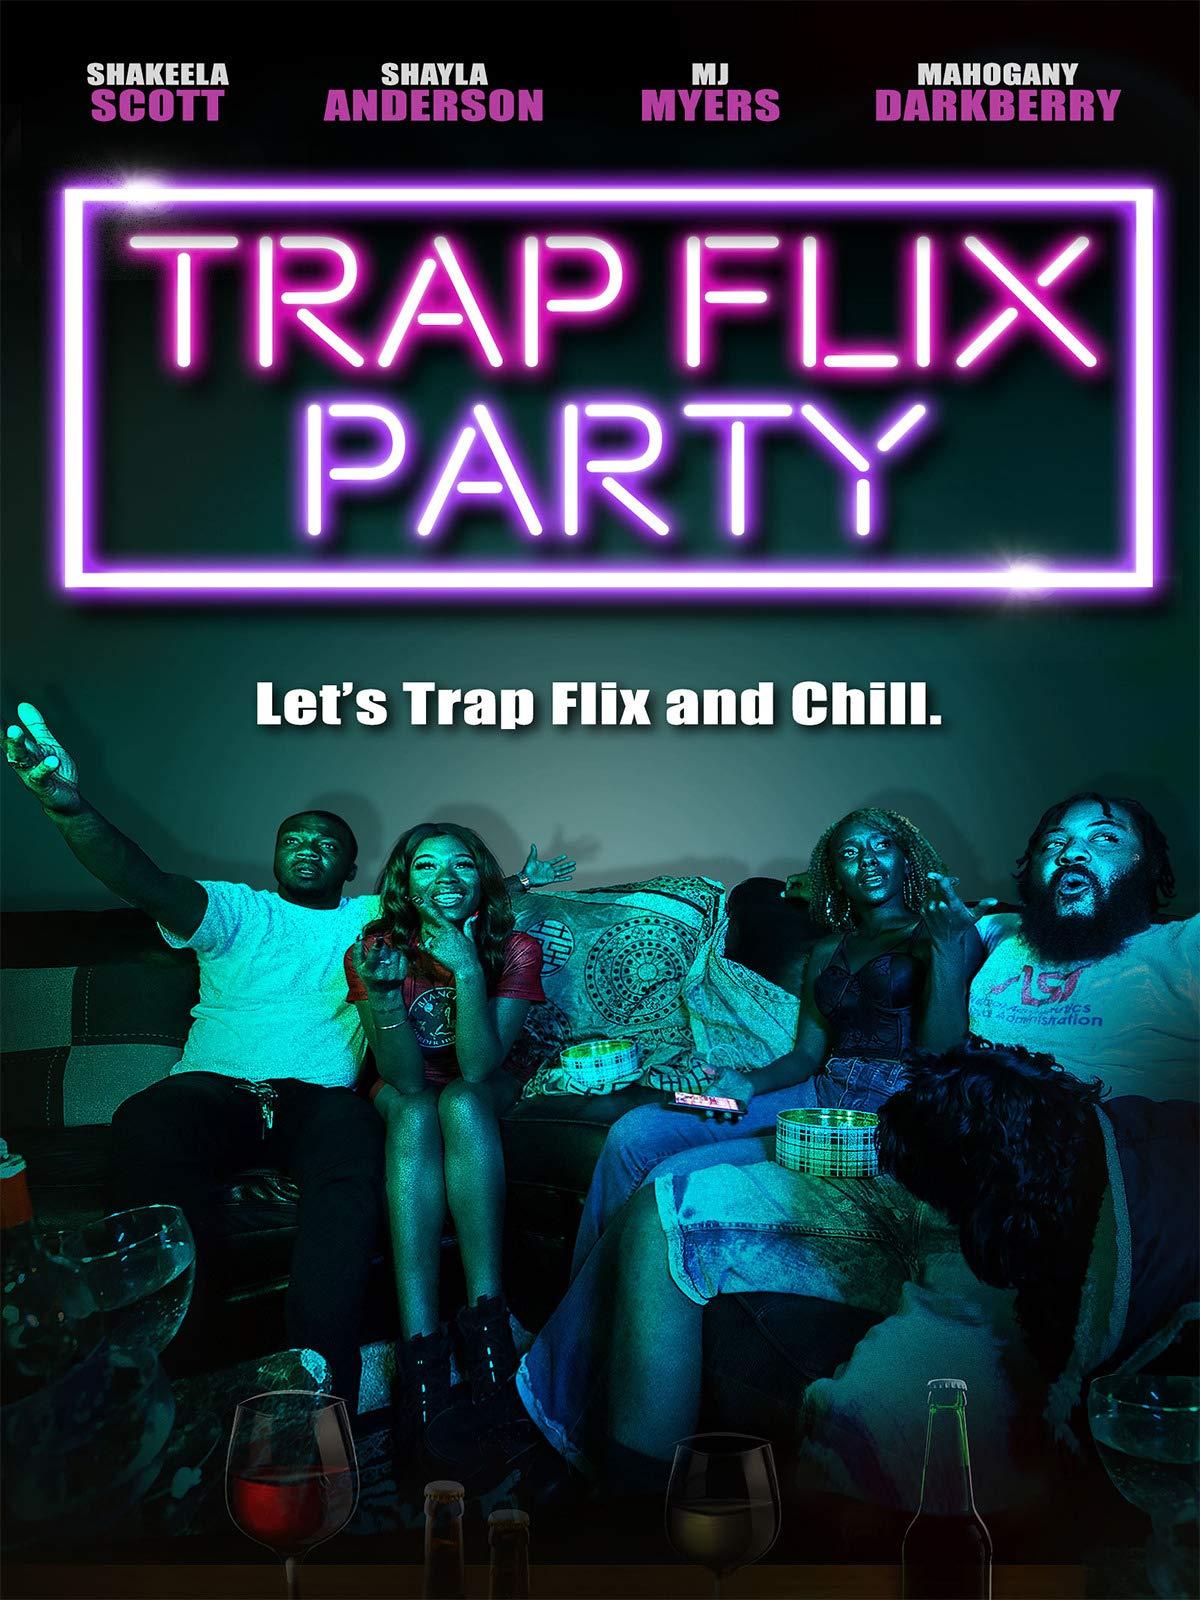 Trap Flix Party